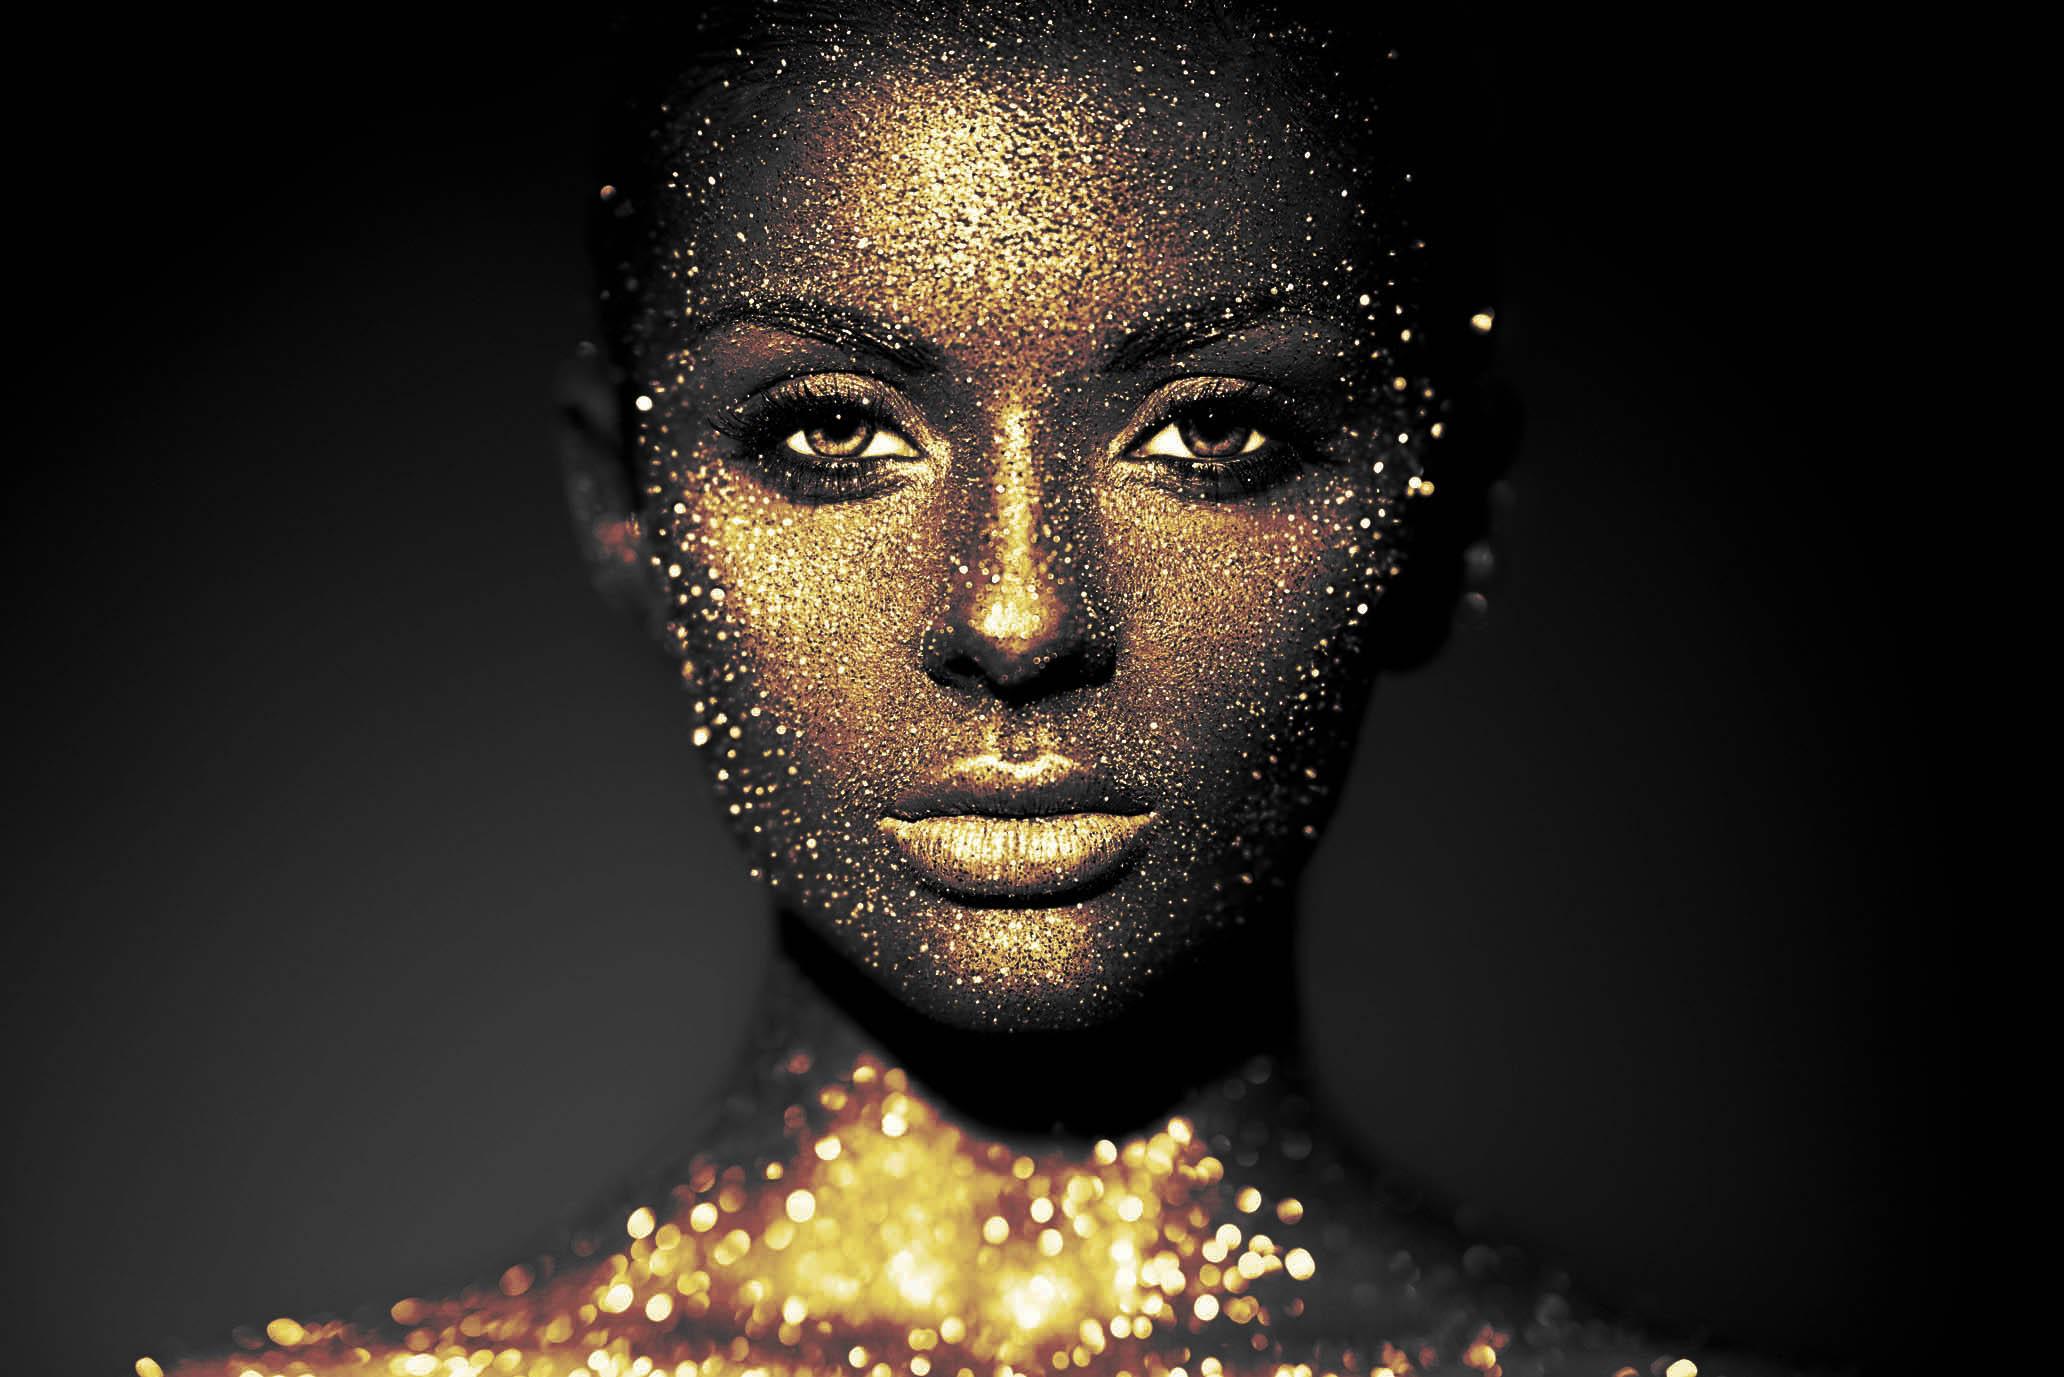 Minobi – kosmetyka hi tec Gorzów